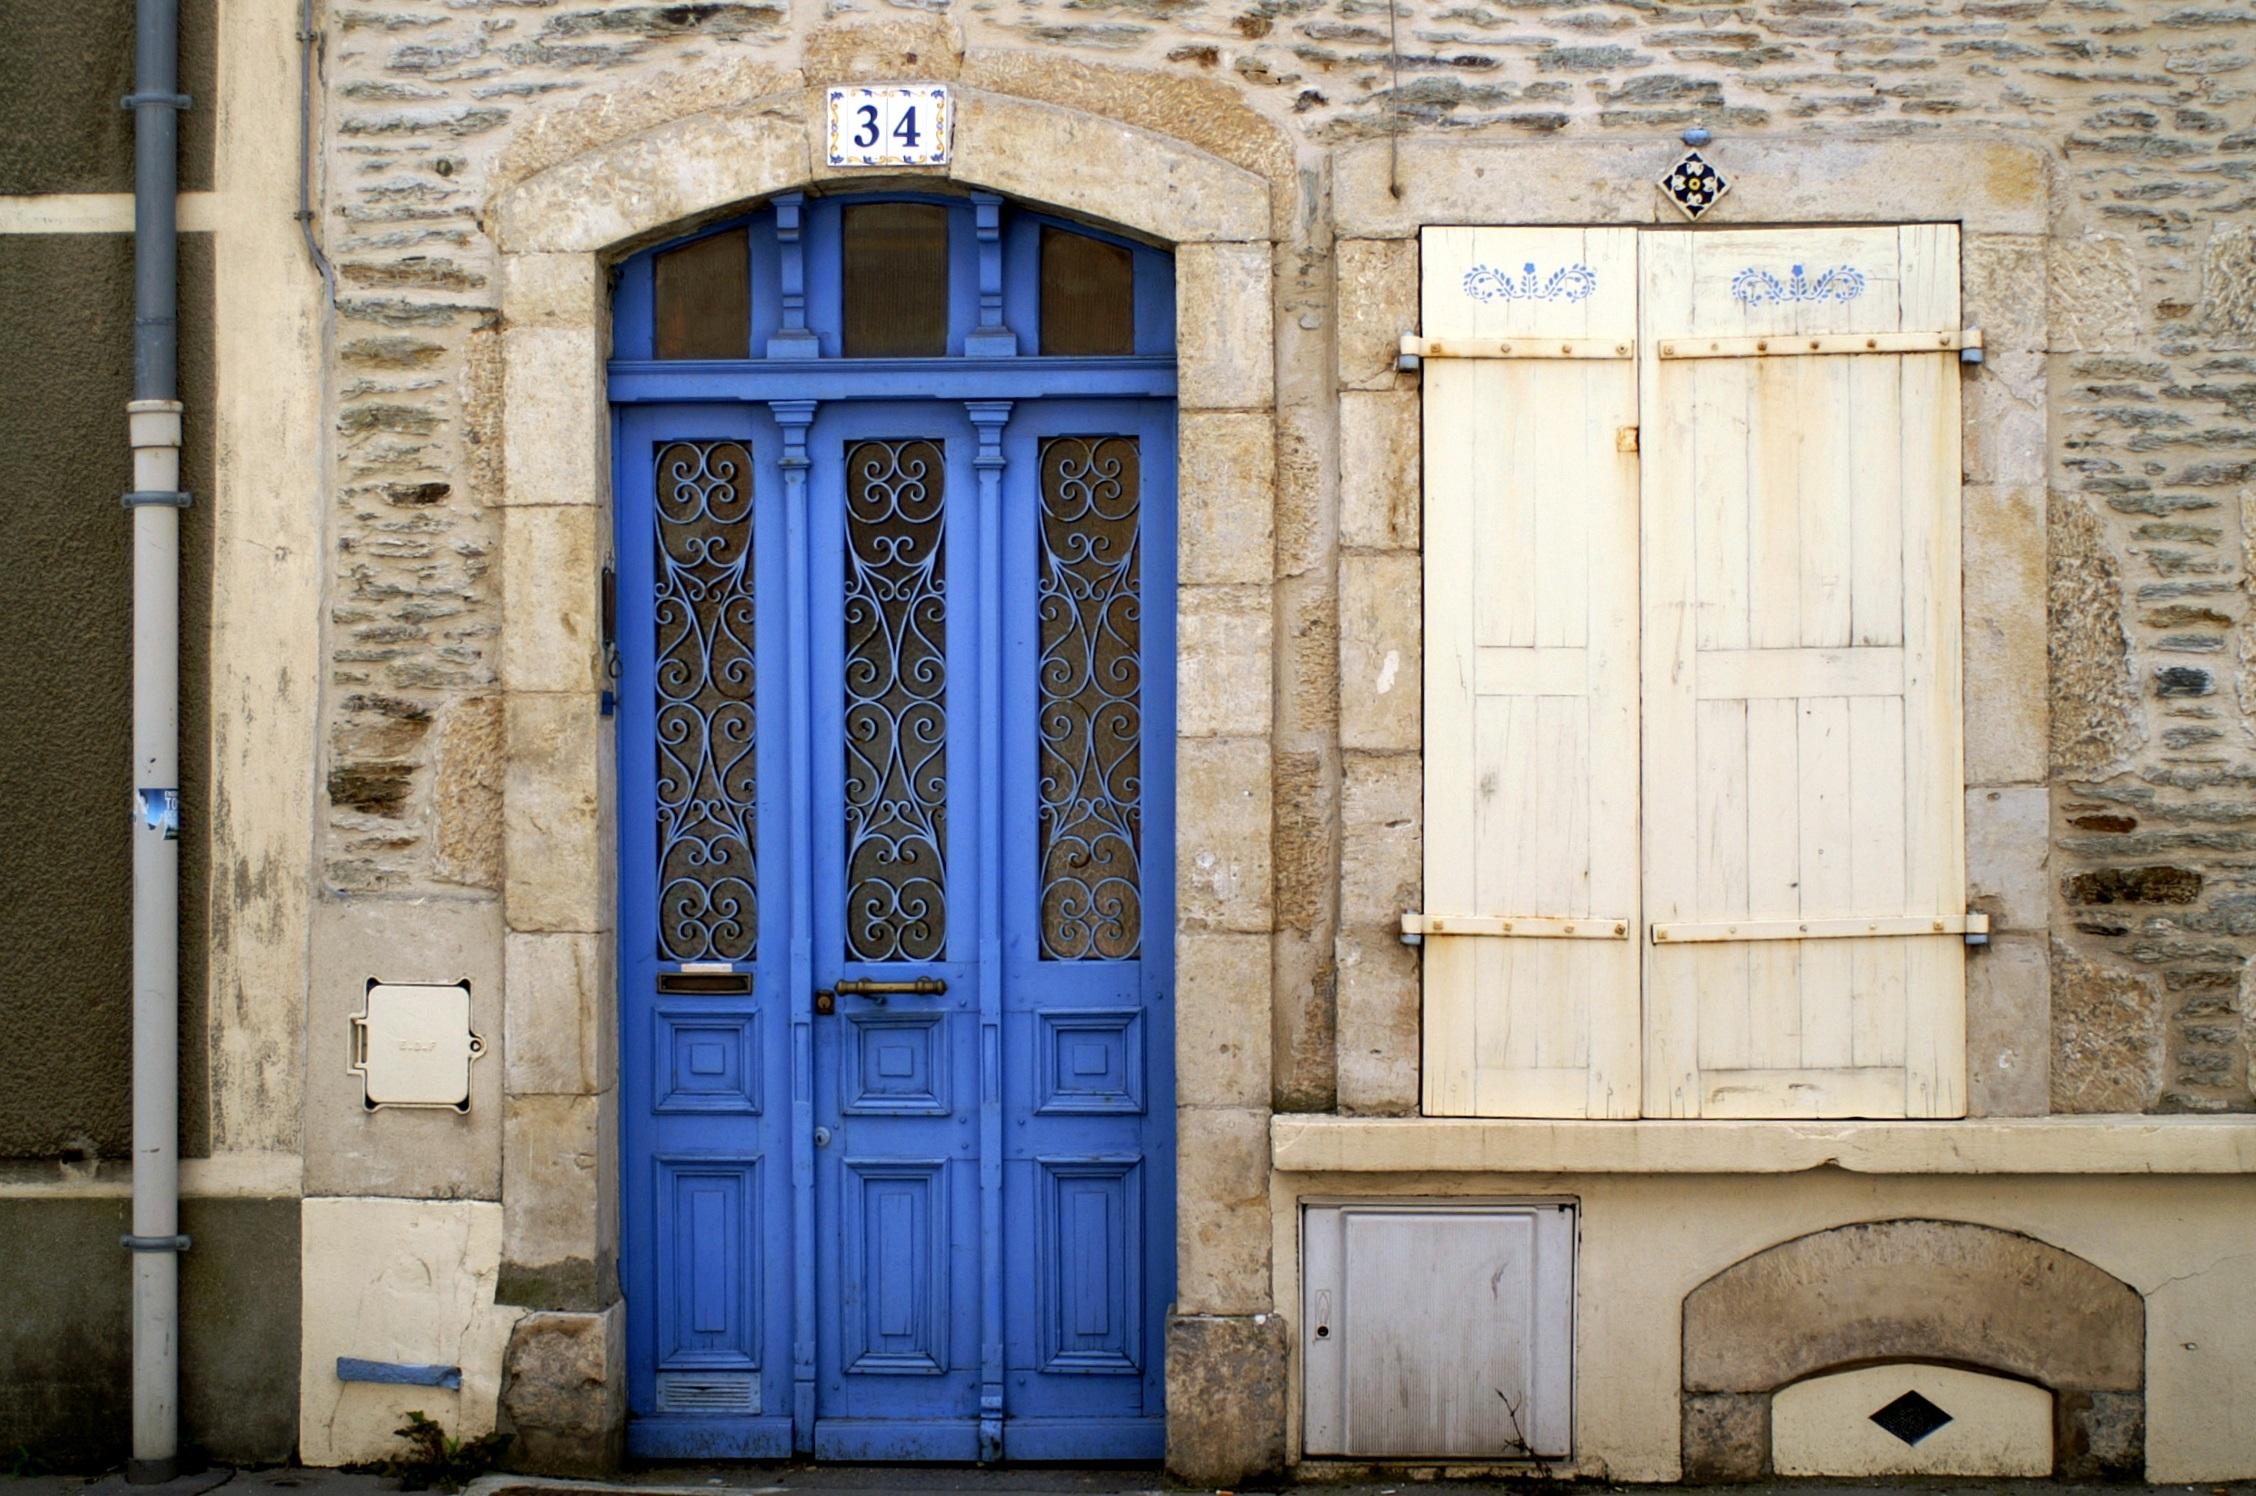 Images Gratuites : architecture, bois, fenêtre, bâtiment, mur ...